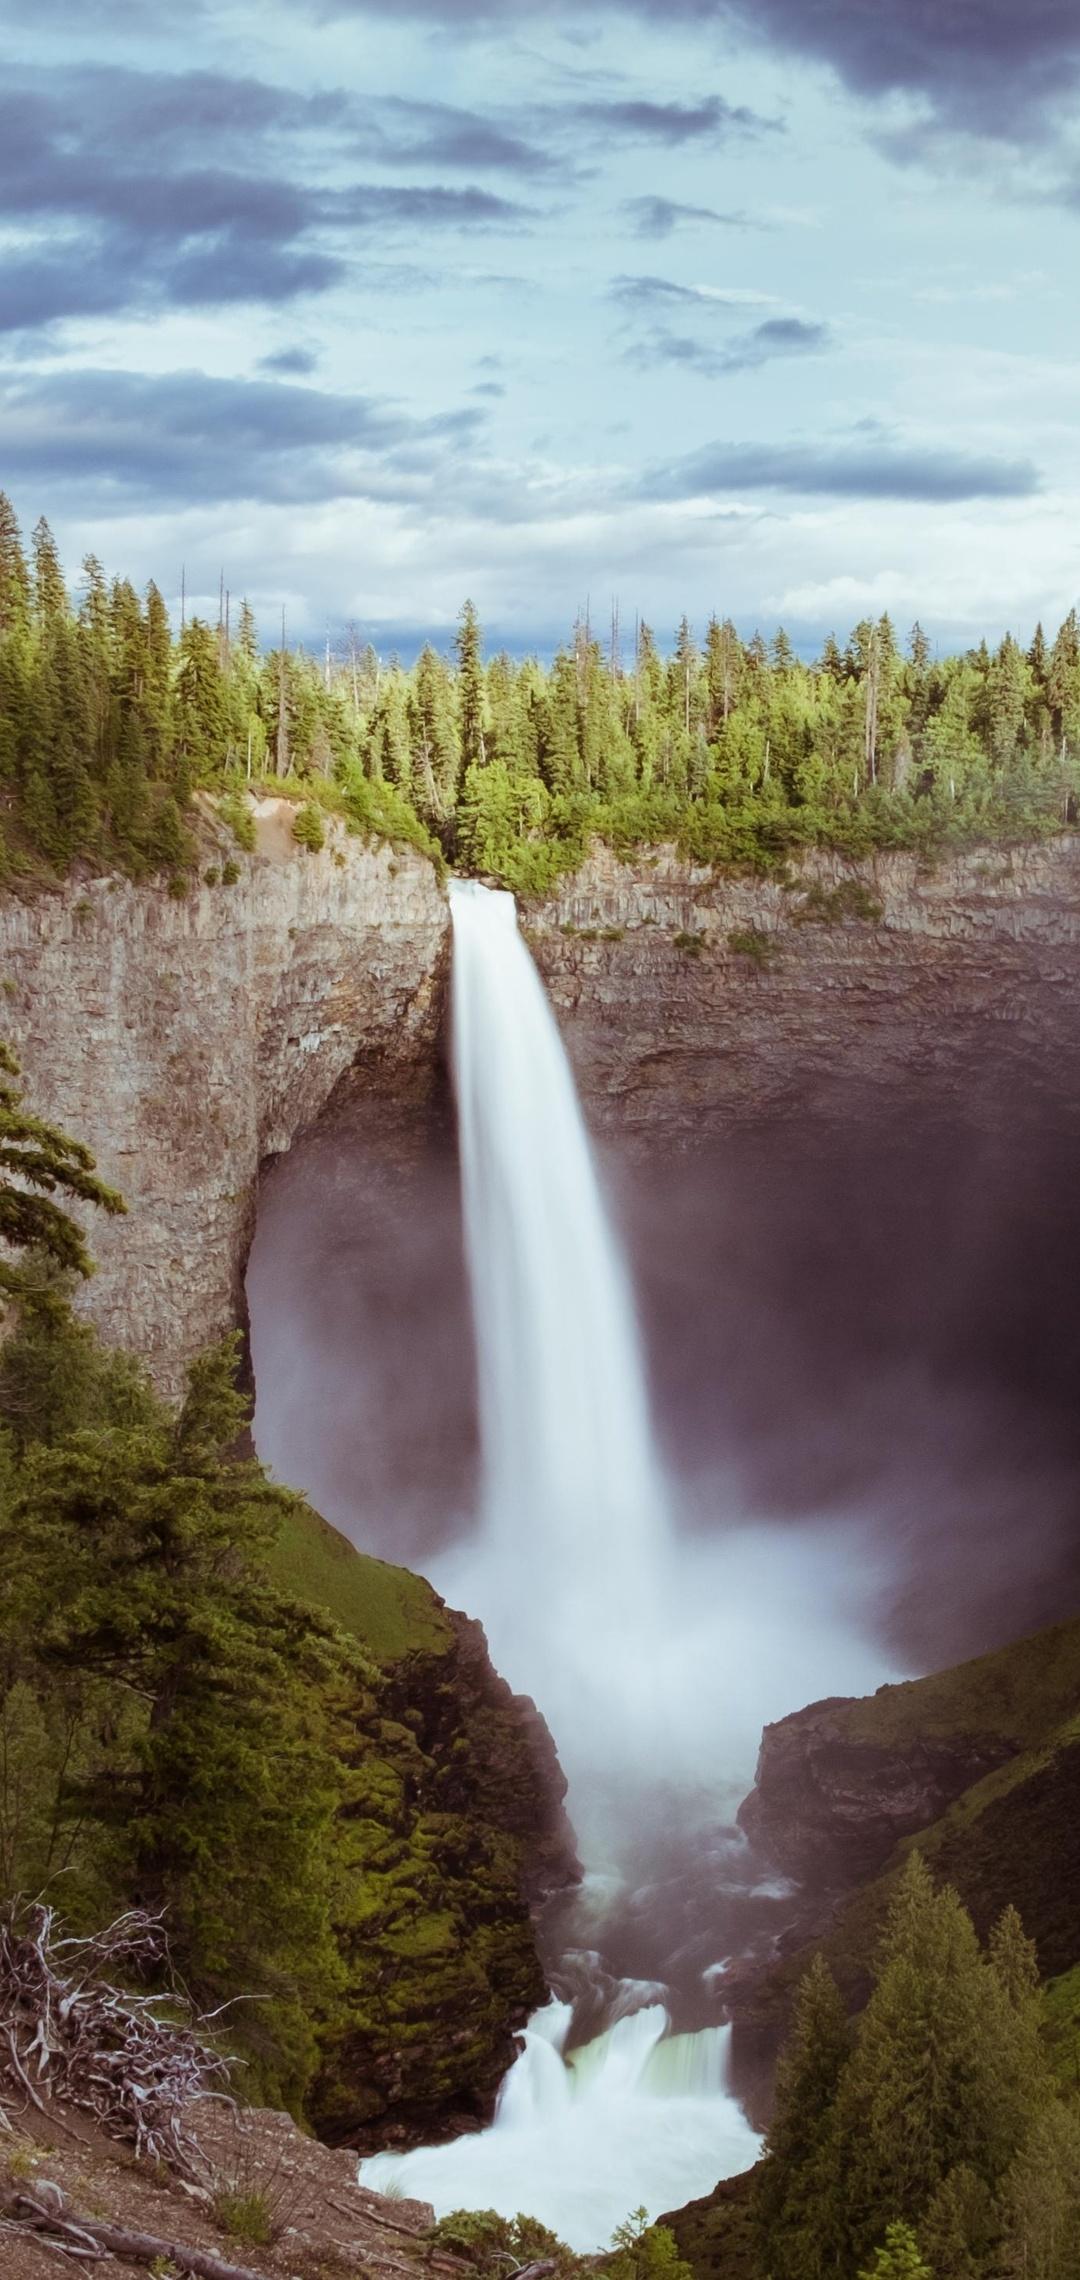 waterfall-landscape-5k-de.jpg